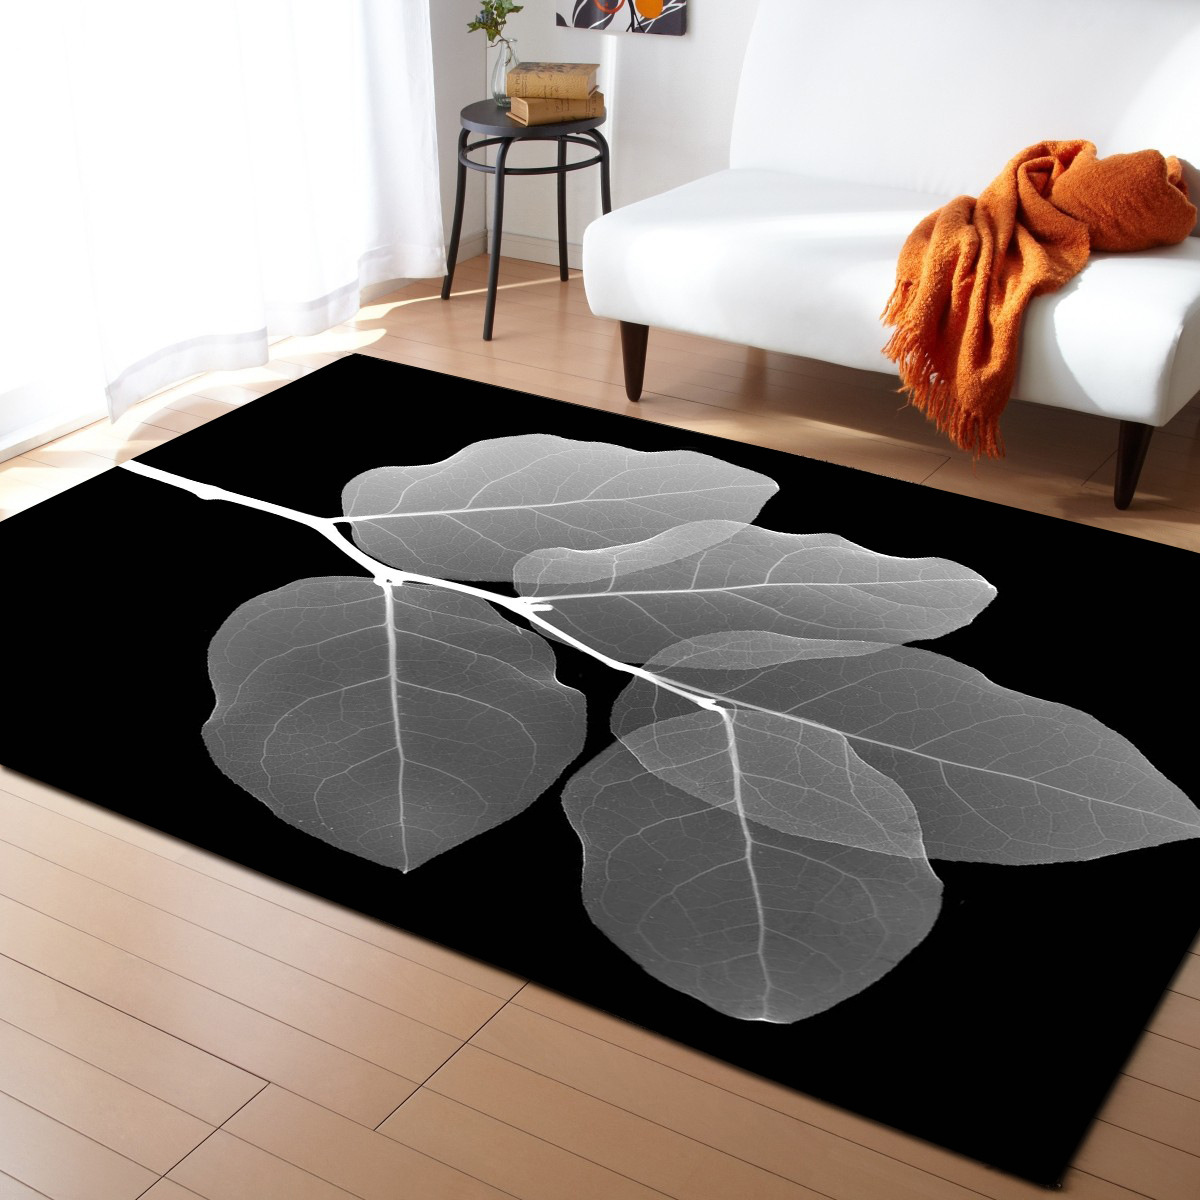 DeMissir 3D feuilles noir Rectangle grand salon tapis tapetes bape tapis alfombra tapis de sol teppich tapete criativo usage domestique